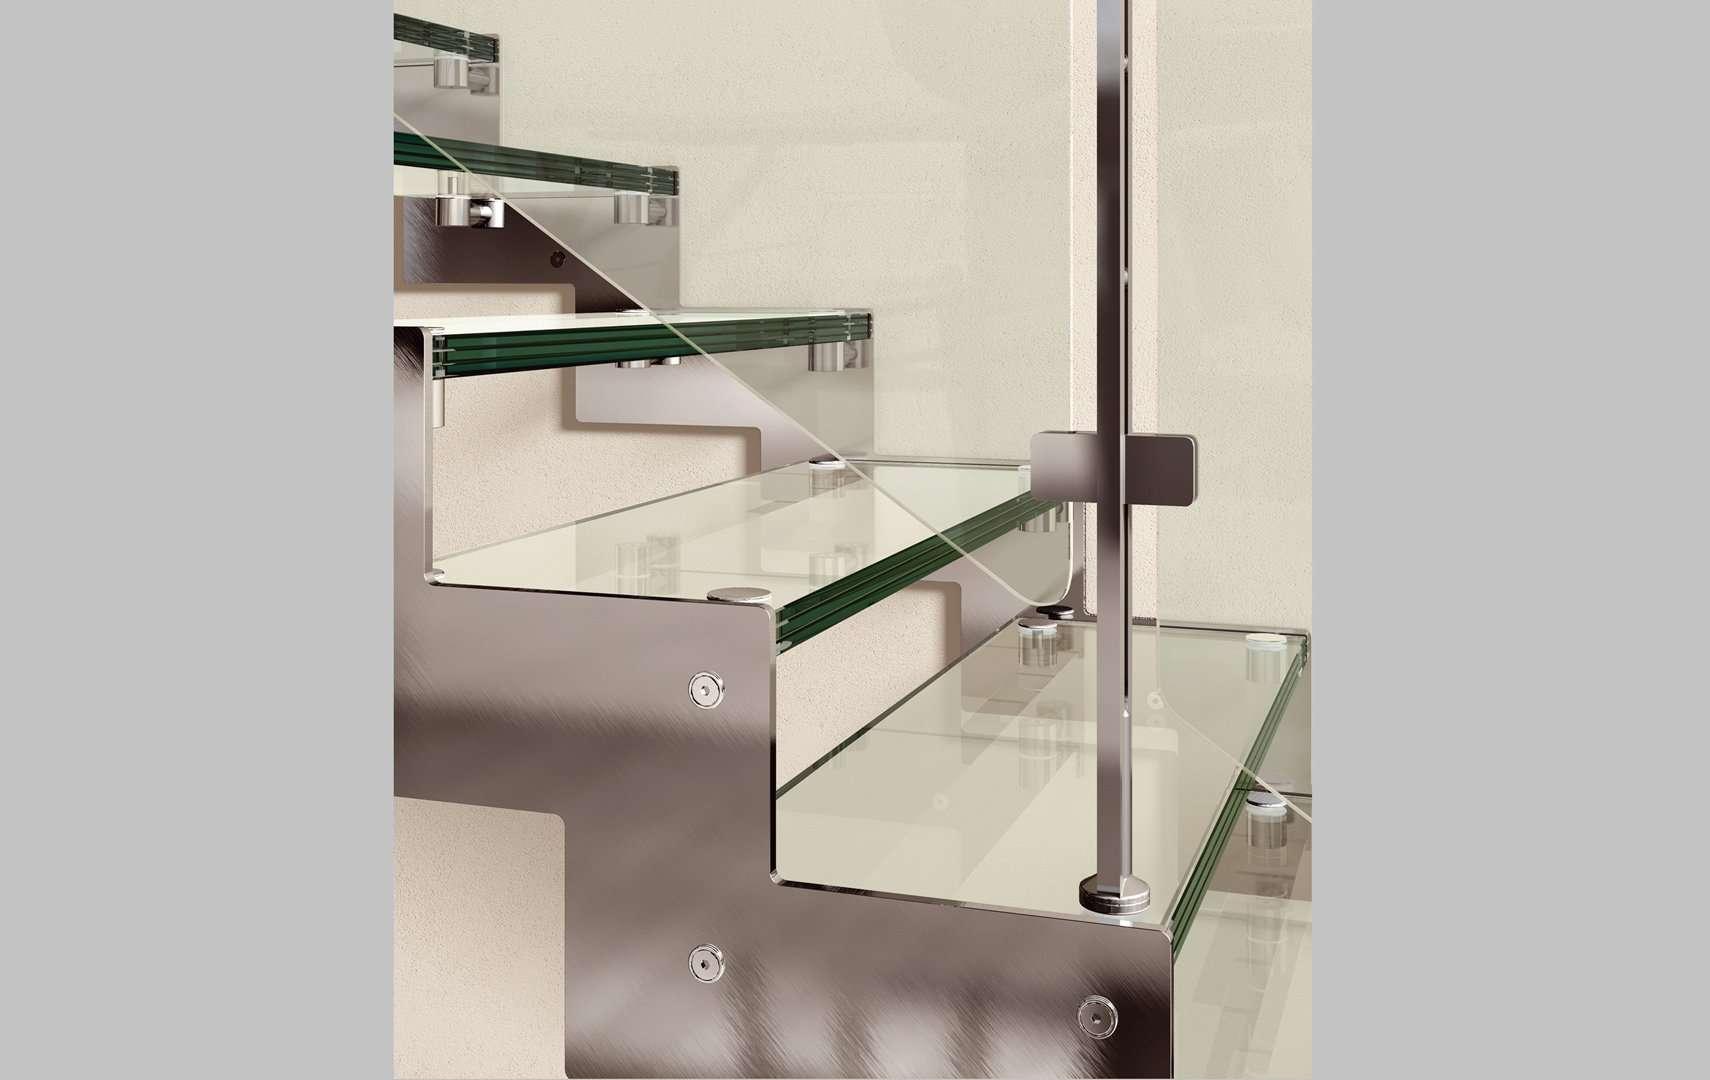 Rexal glass scale interne moderne in legno scegli i - Scale mobirolo ...